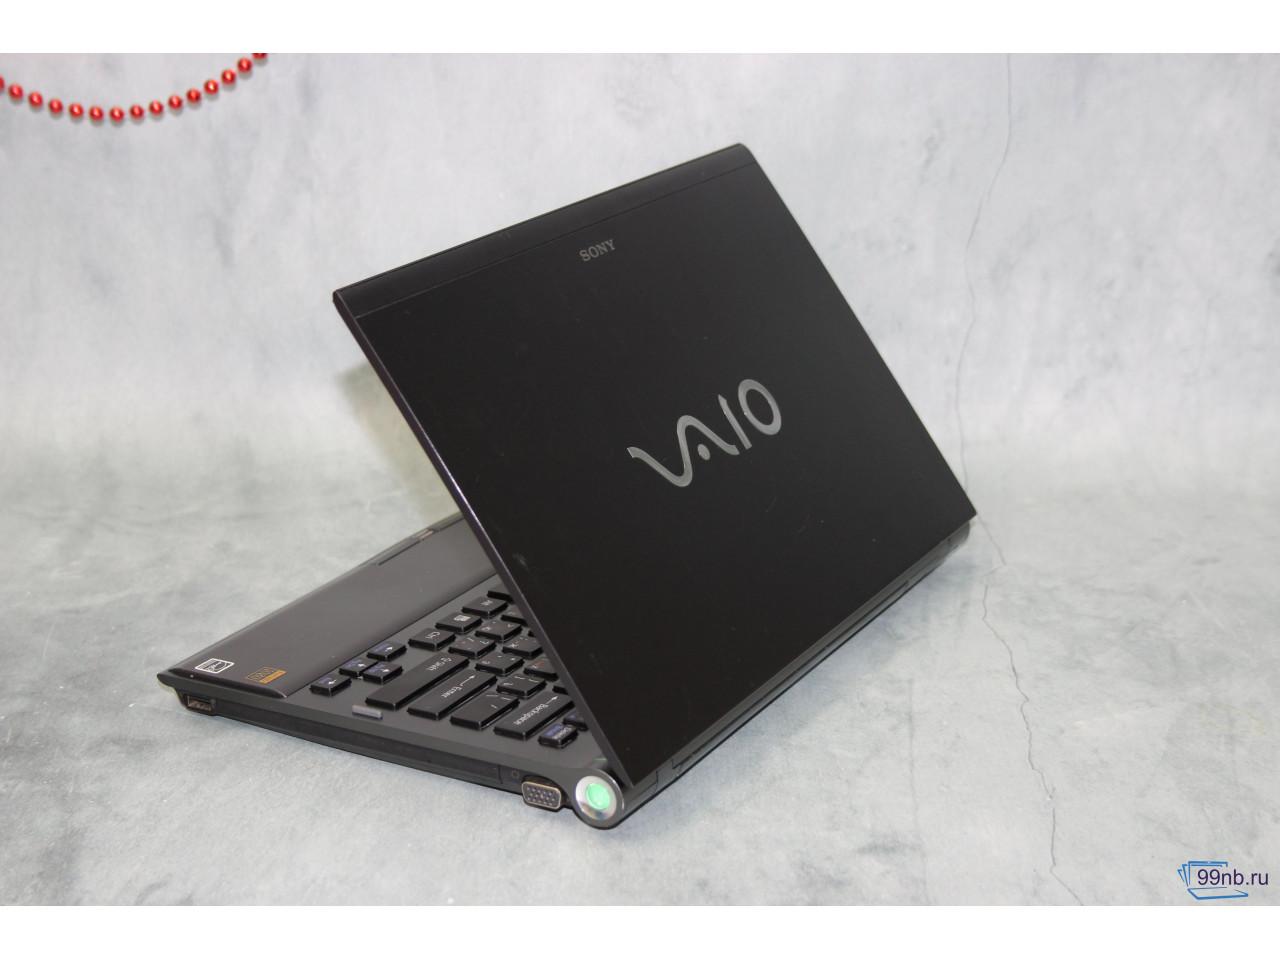 Легкий Sony Vaio на i7